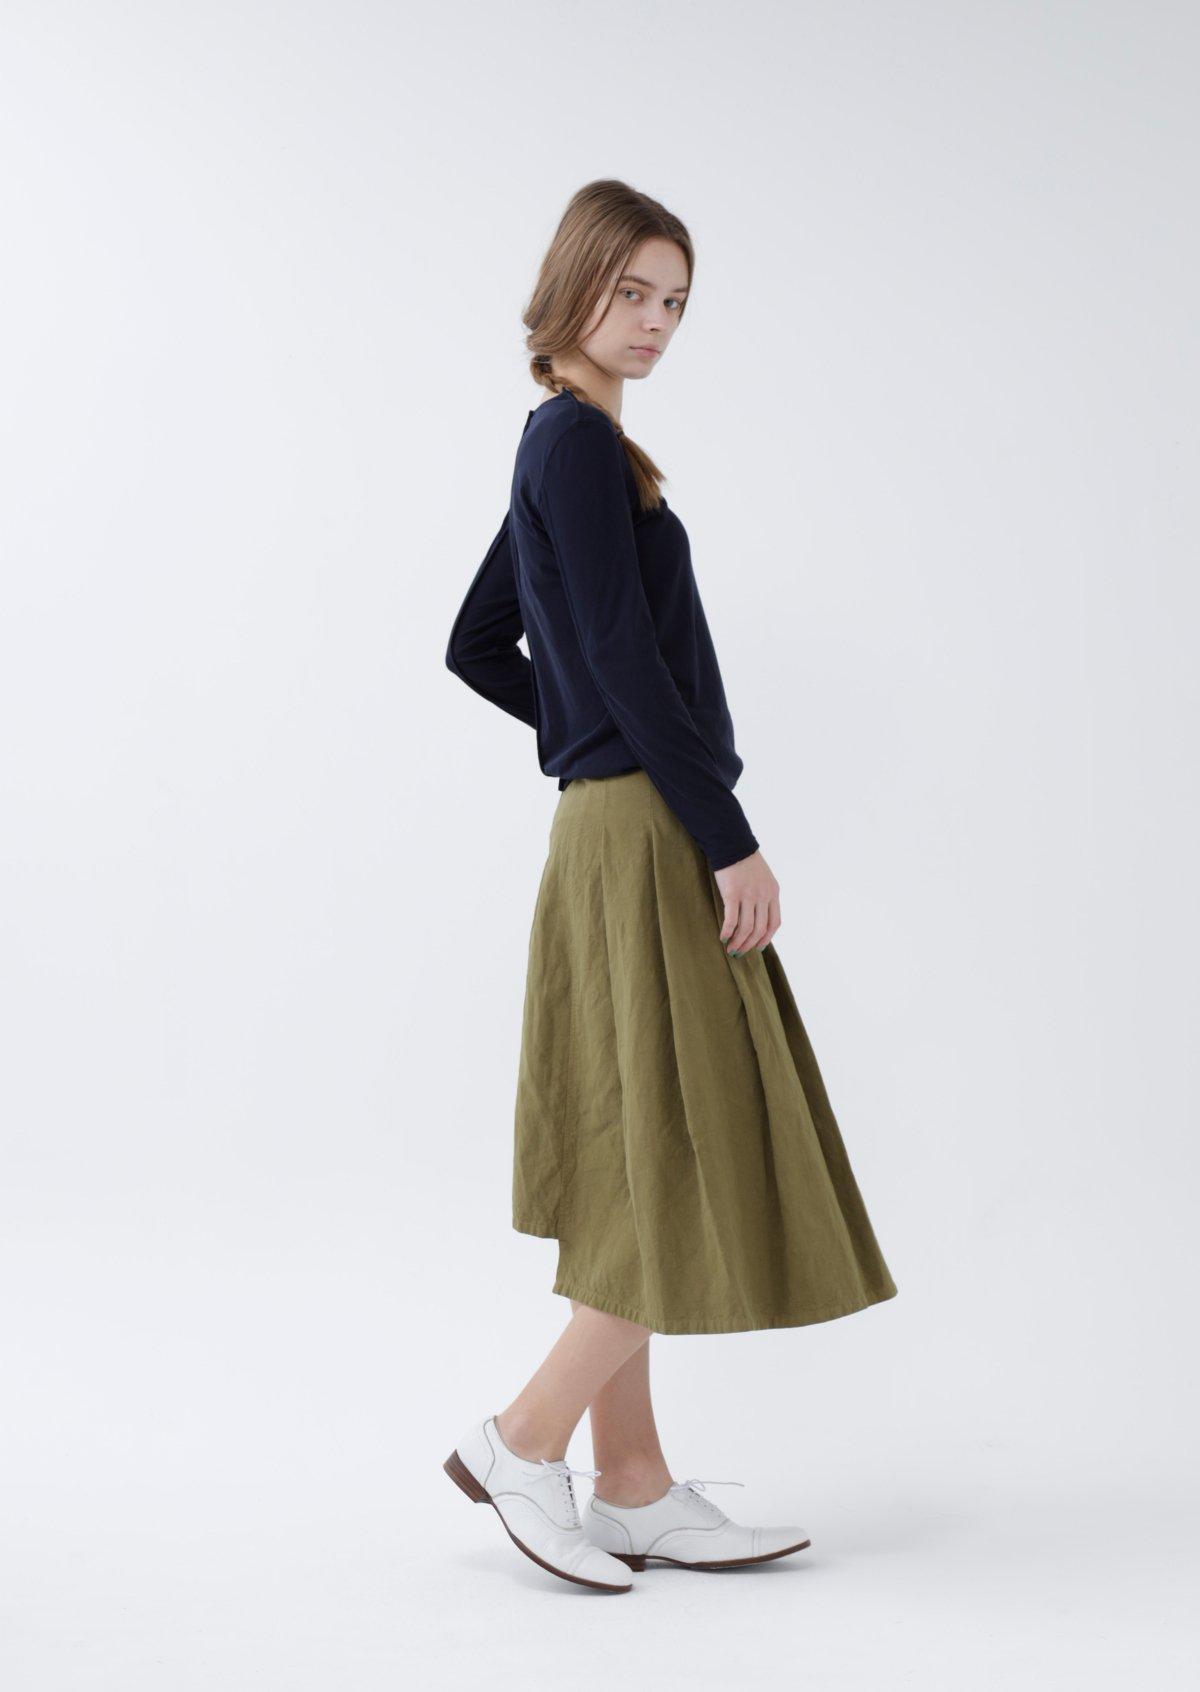 ポートスカート